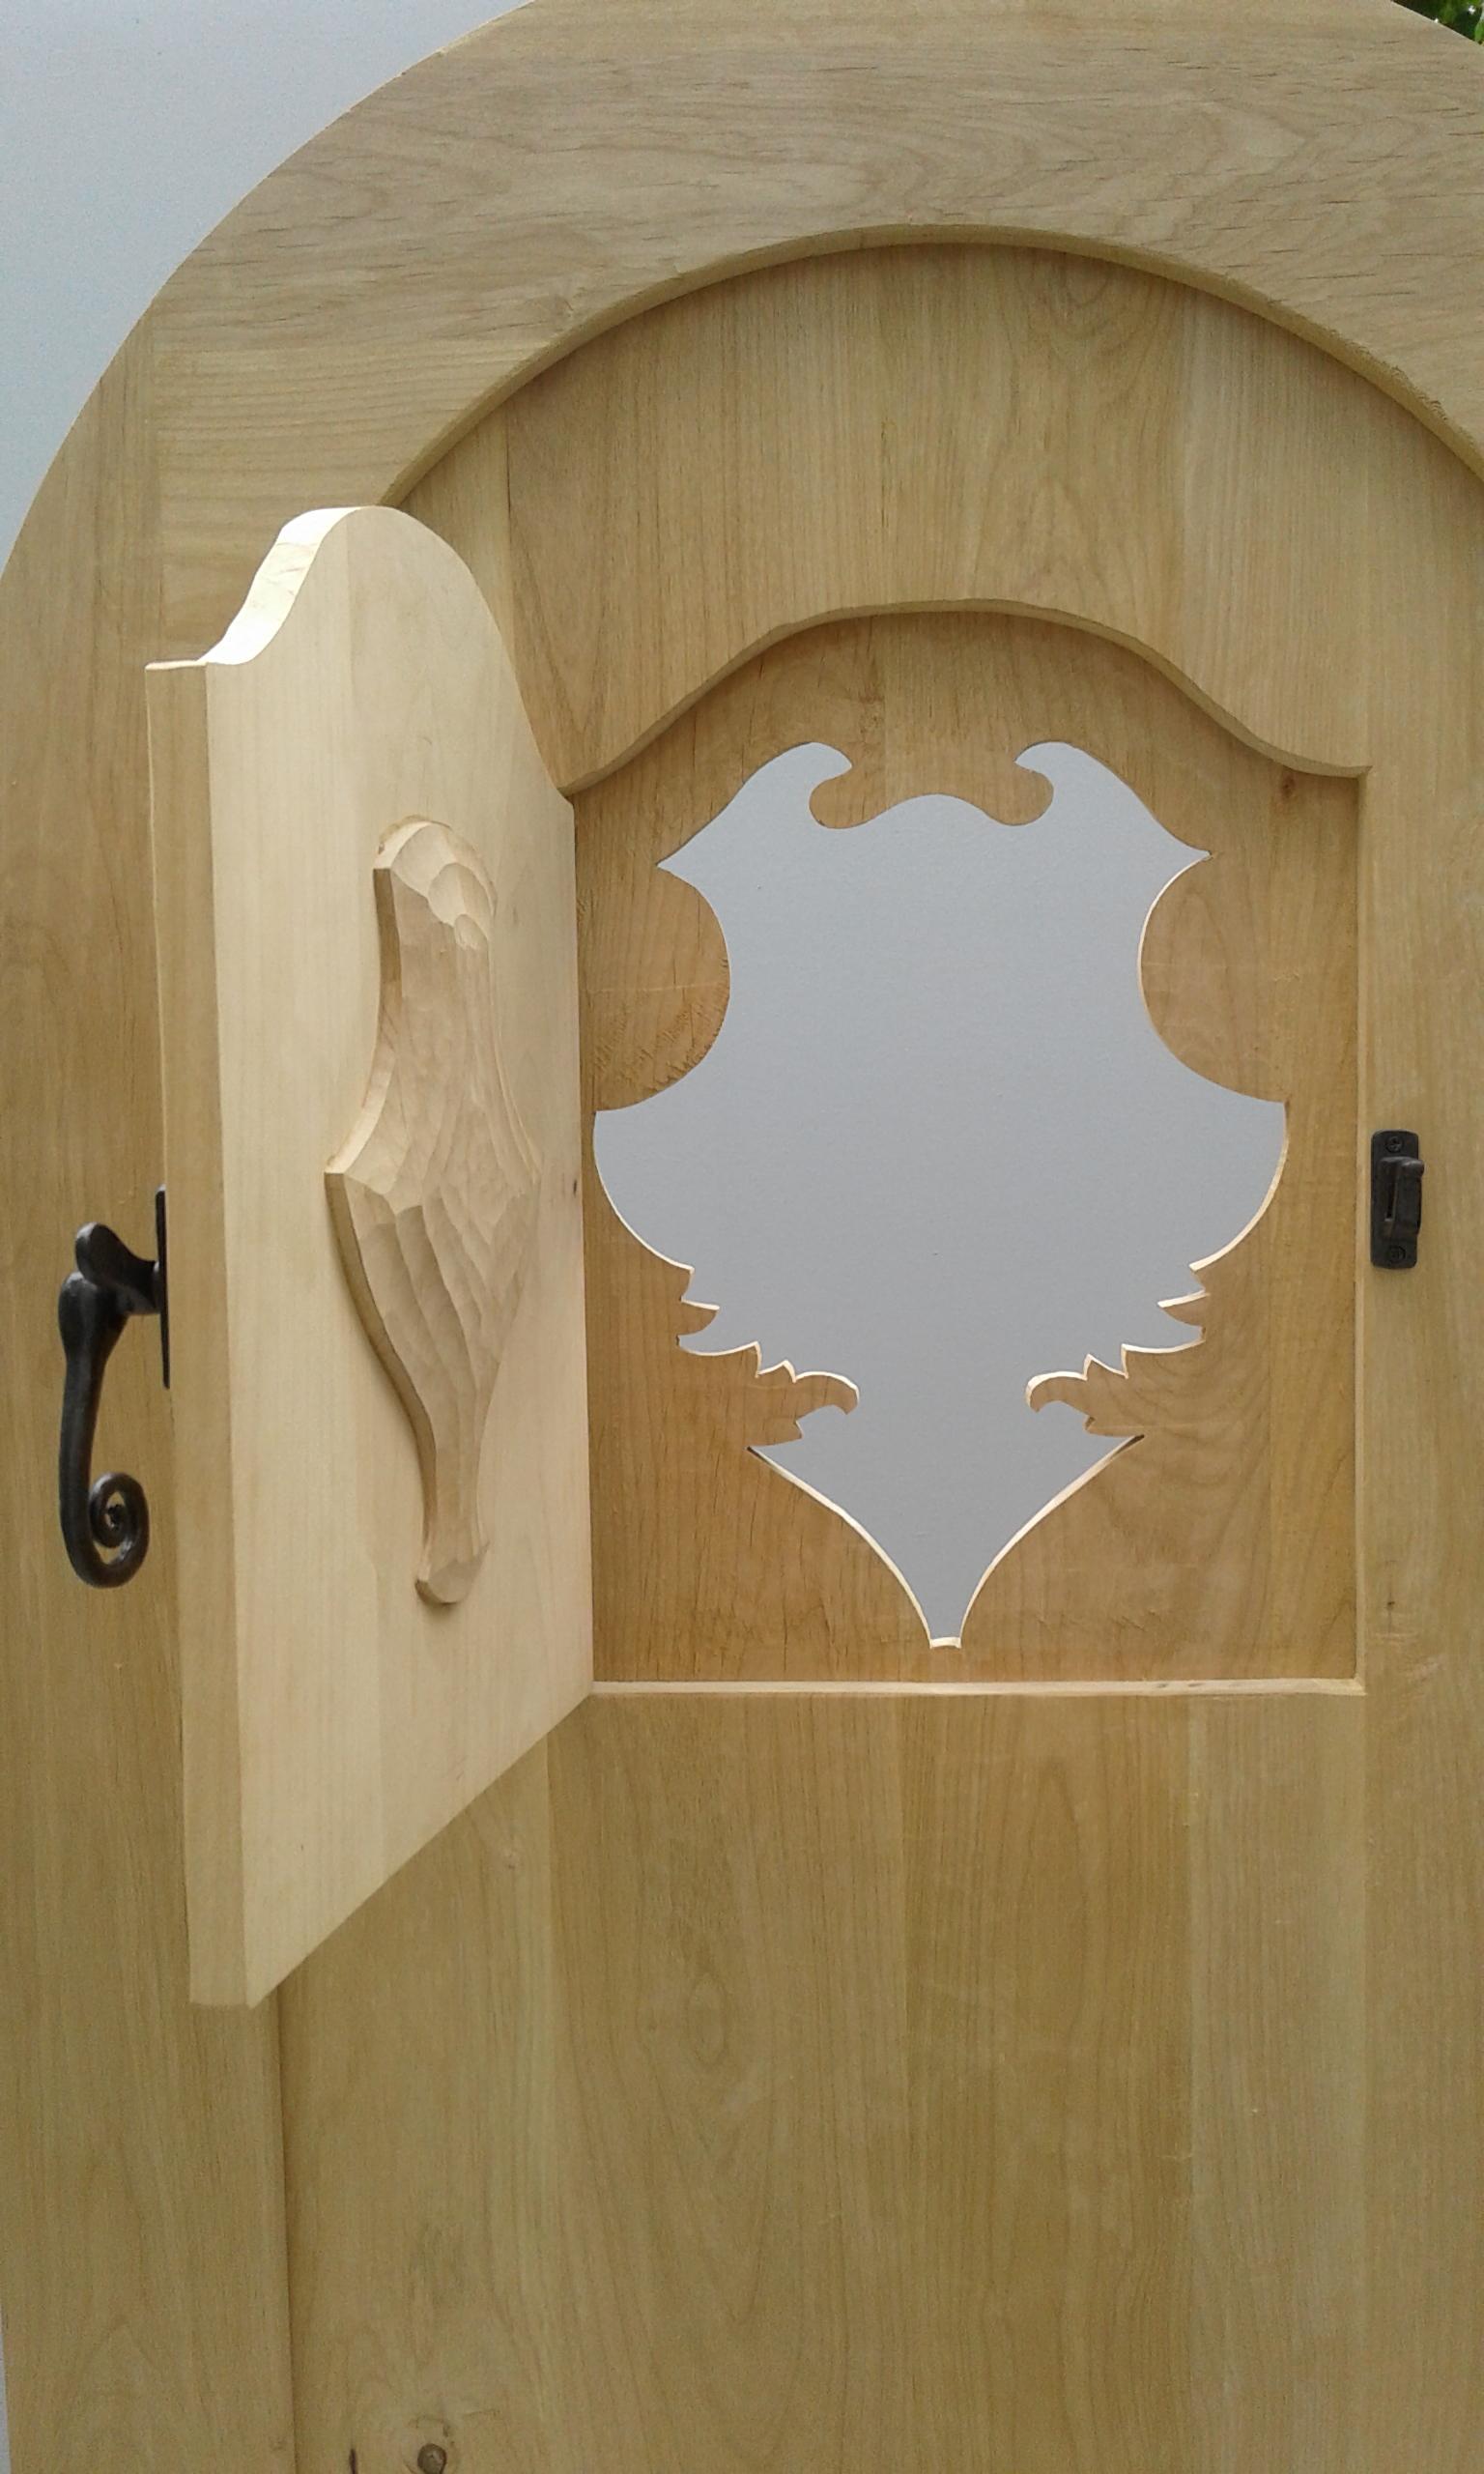 Wine Room Door #4 Opens as a Speakeasy